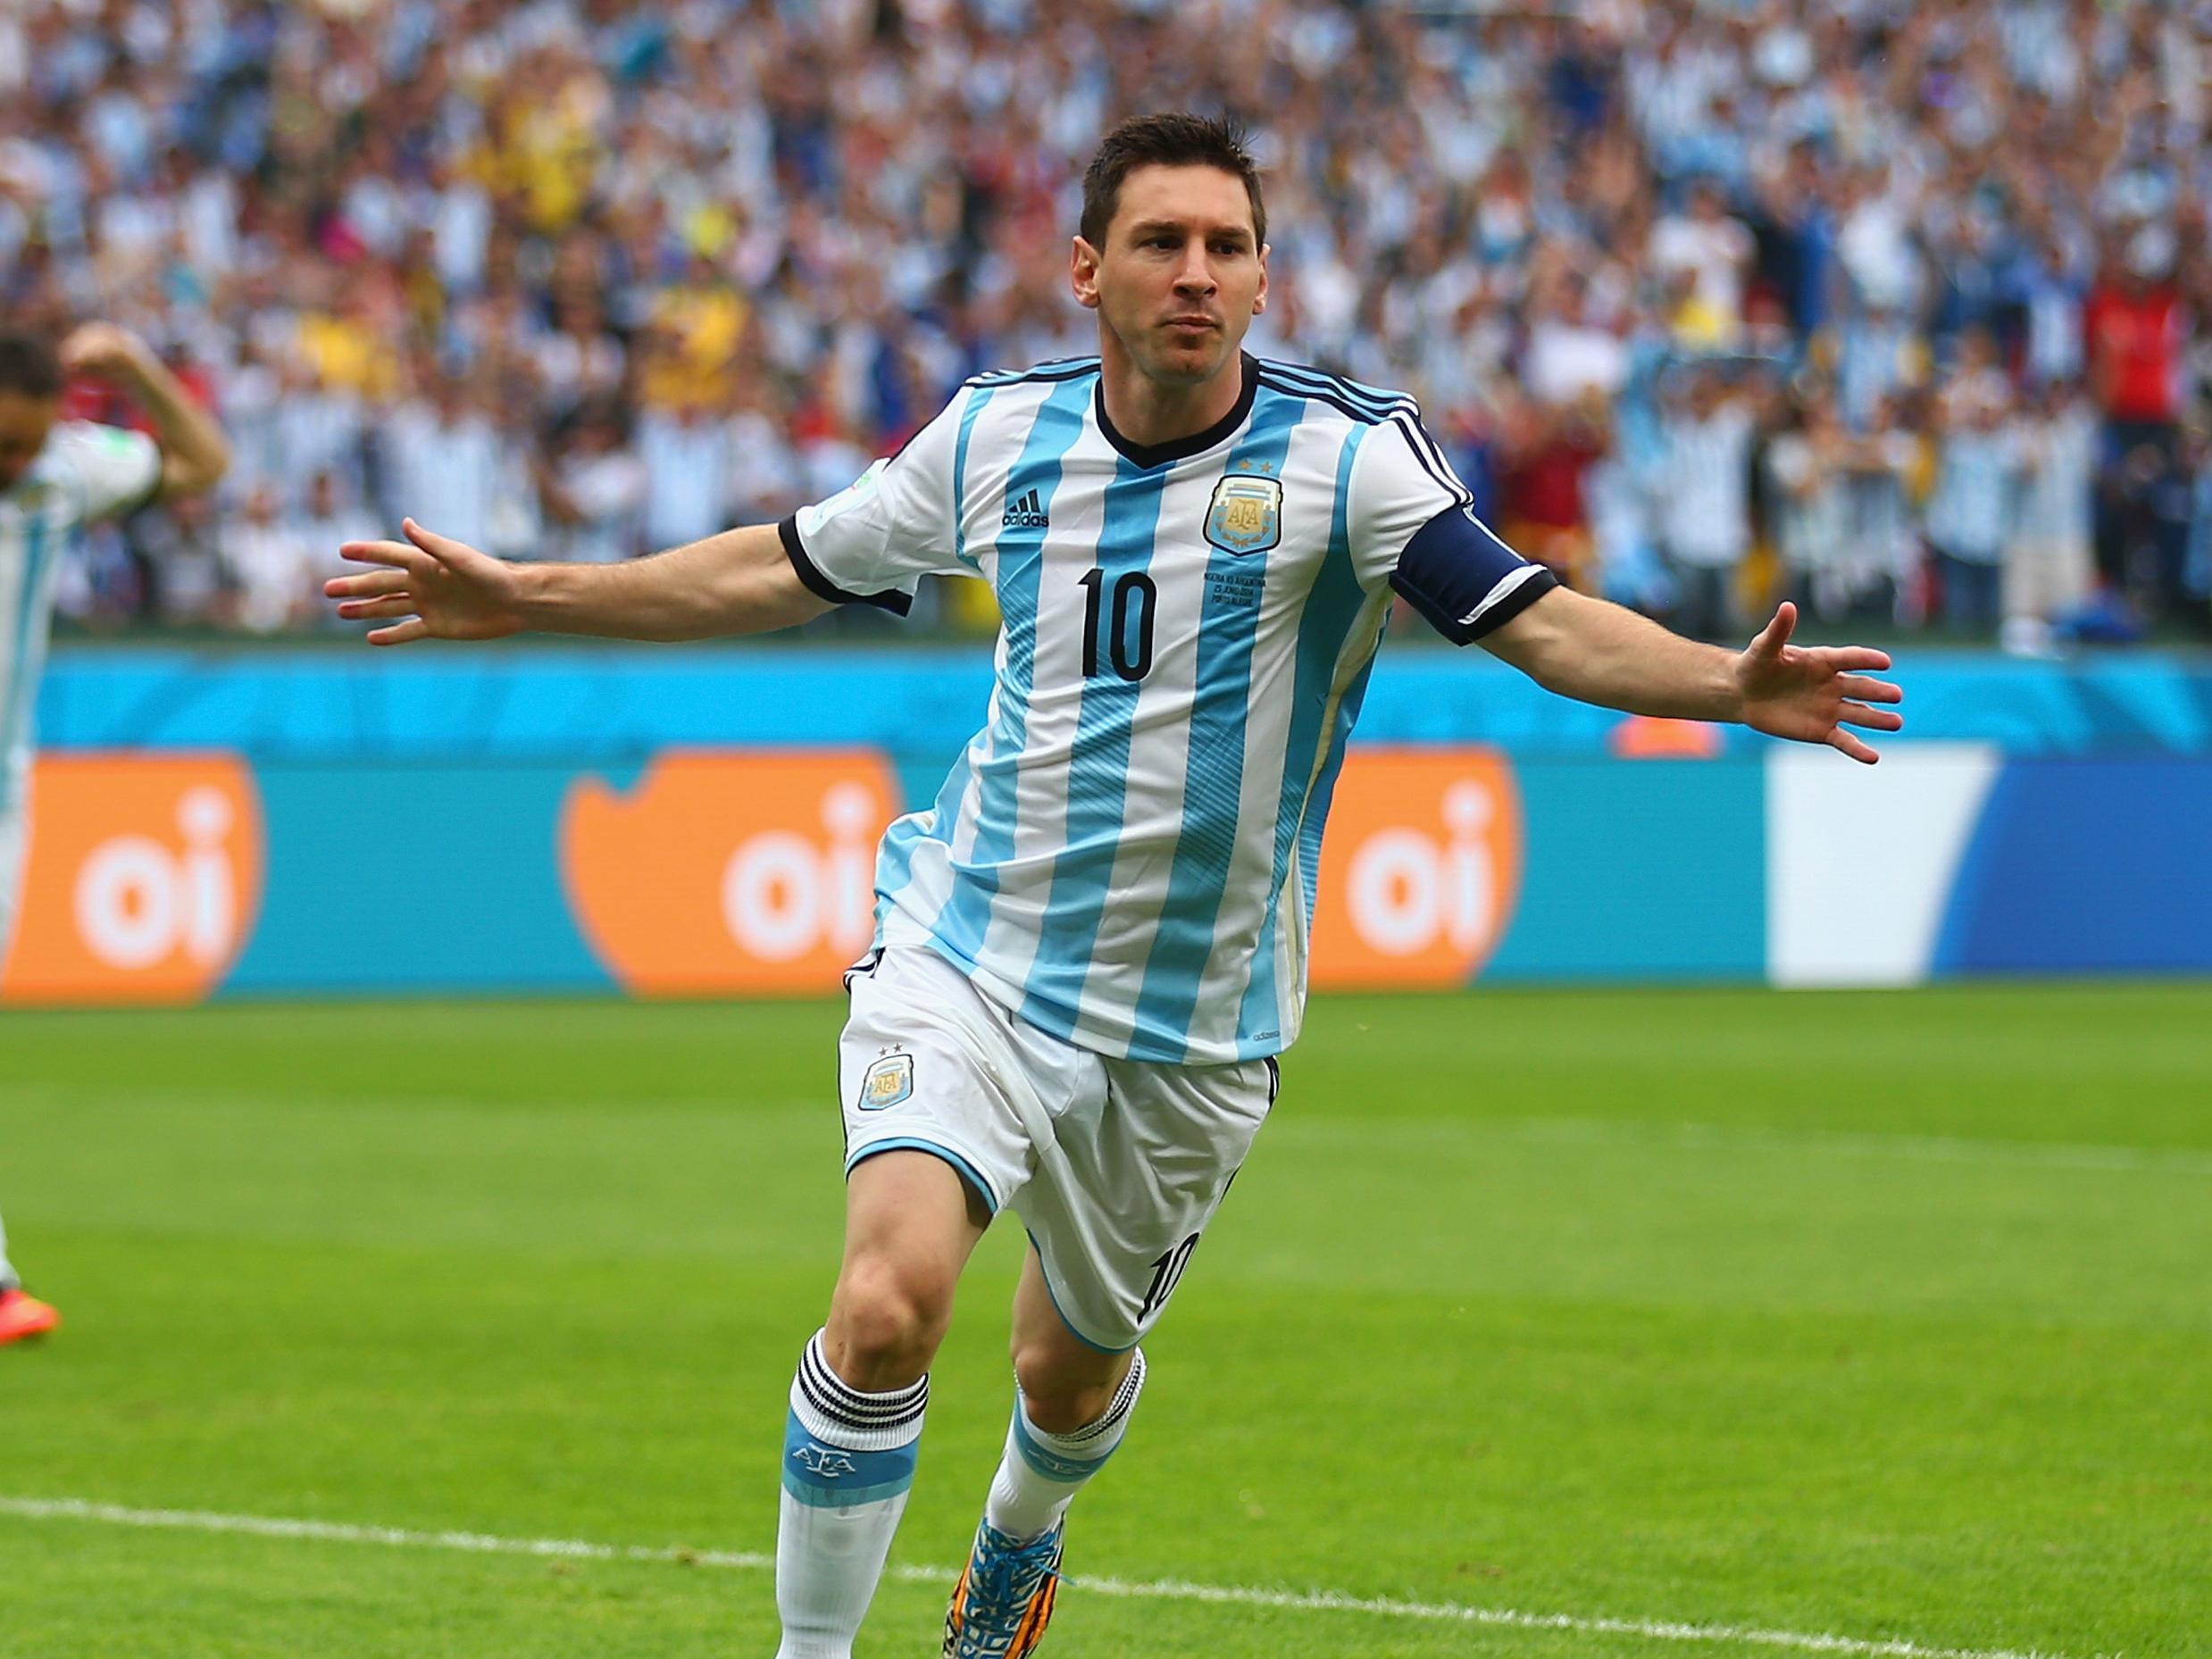 Messi Argentina FIFA World Cup 2015 Wallpaper Nature Wallpaper 2477x1858